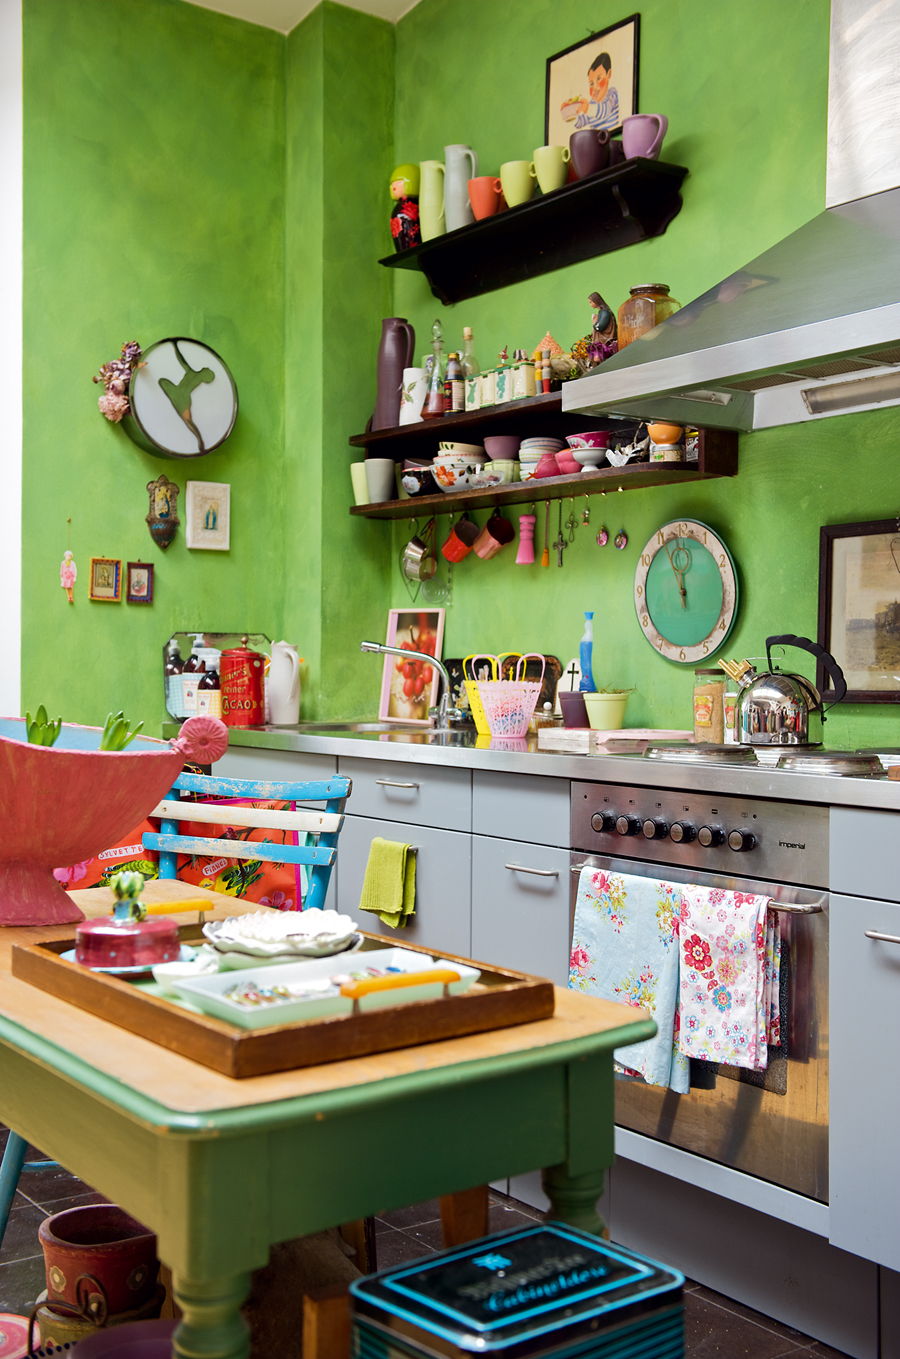 Kleine Küchen ganz groß - Küchenkompass